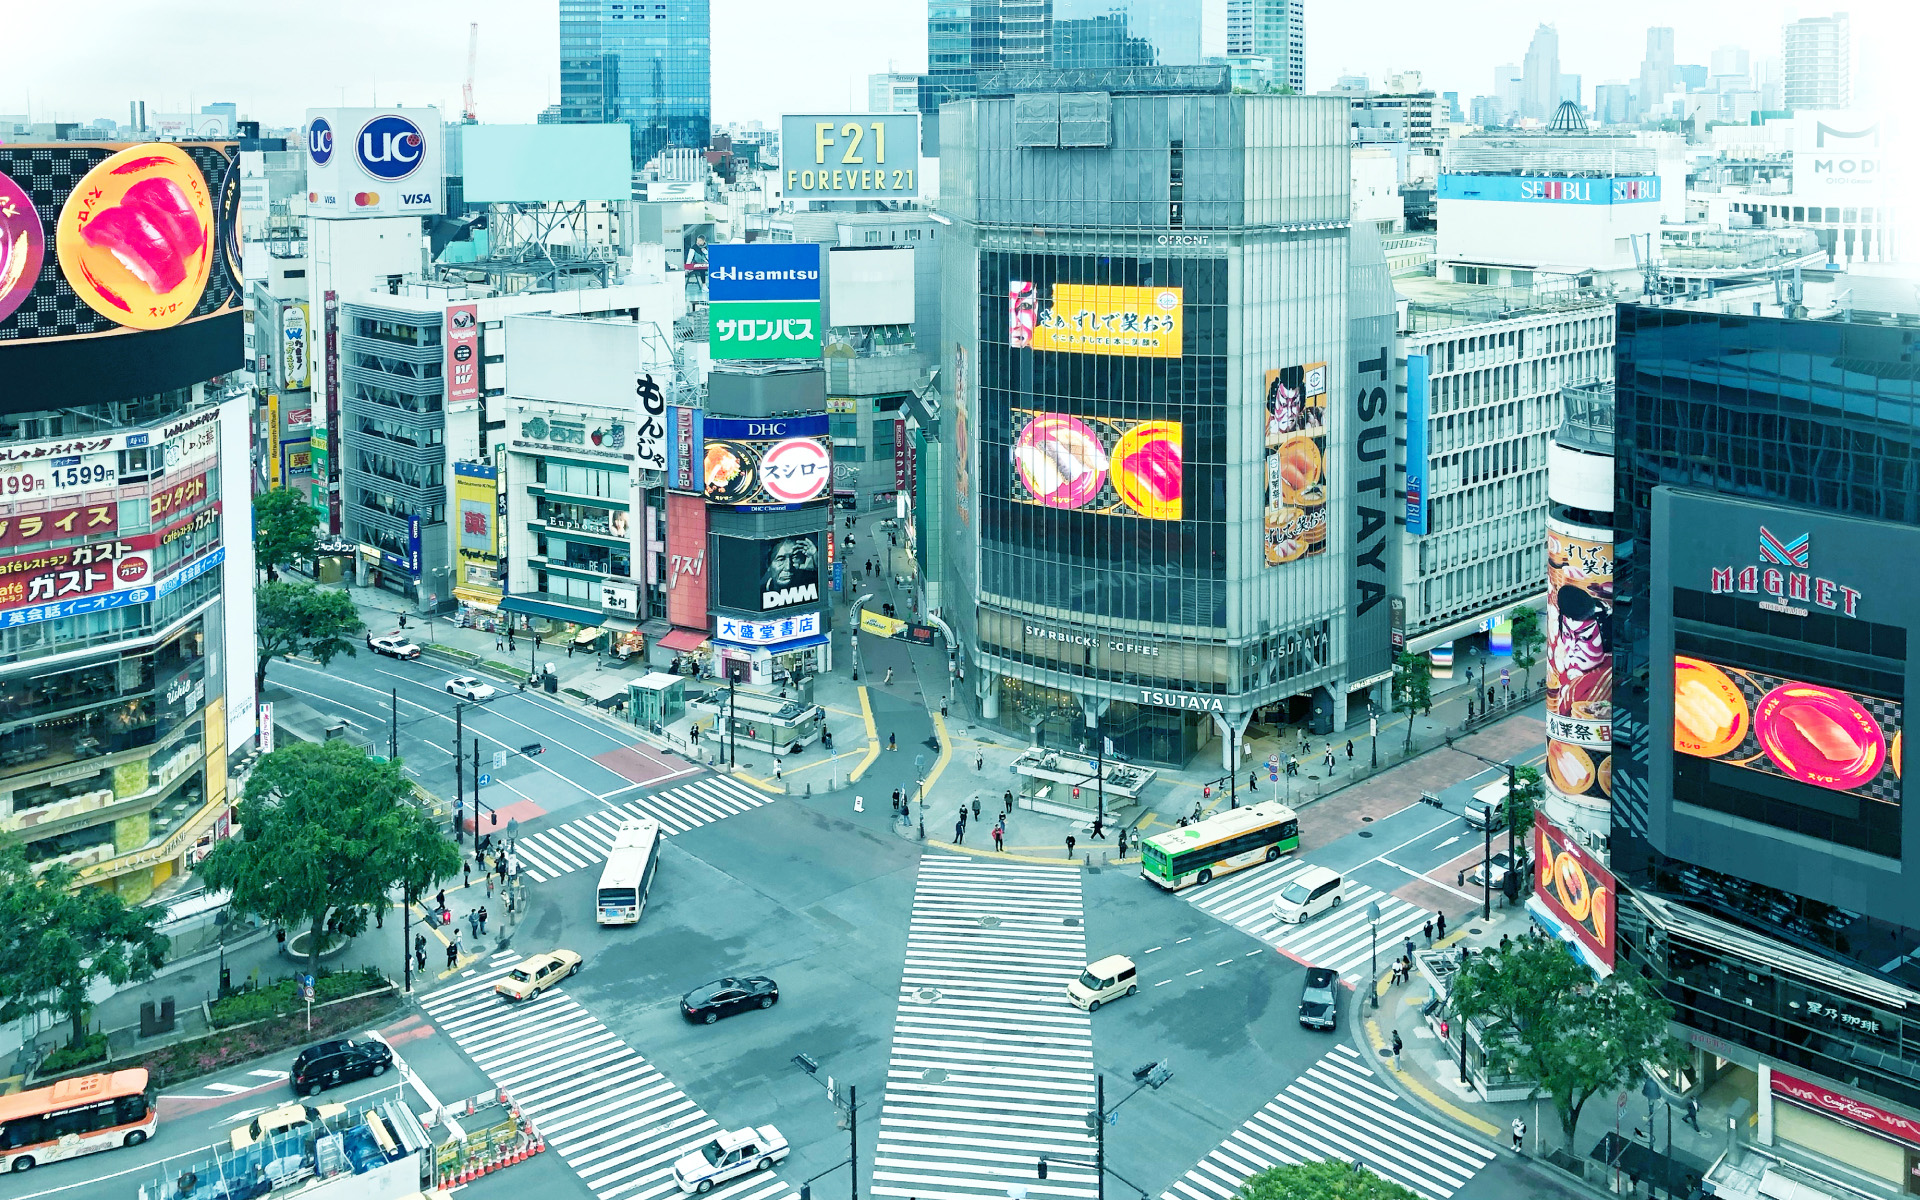 08_渋谷スクランブル交差点